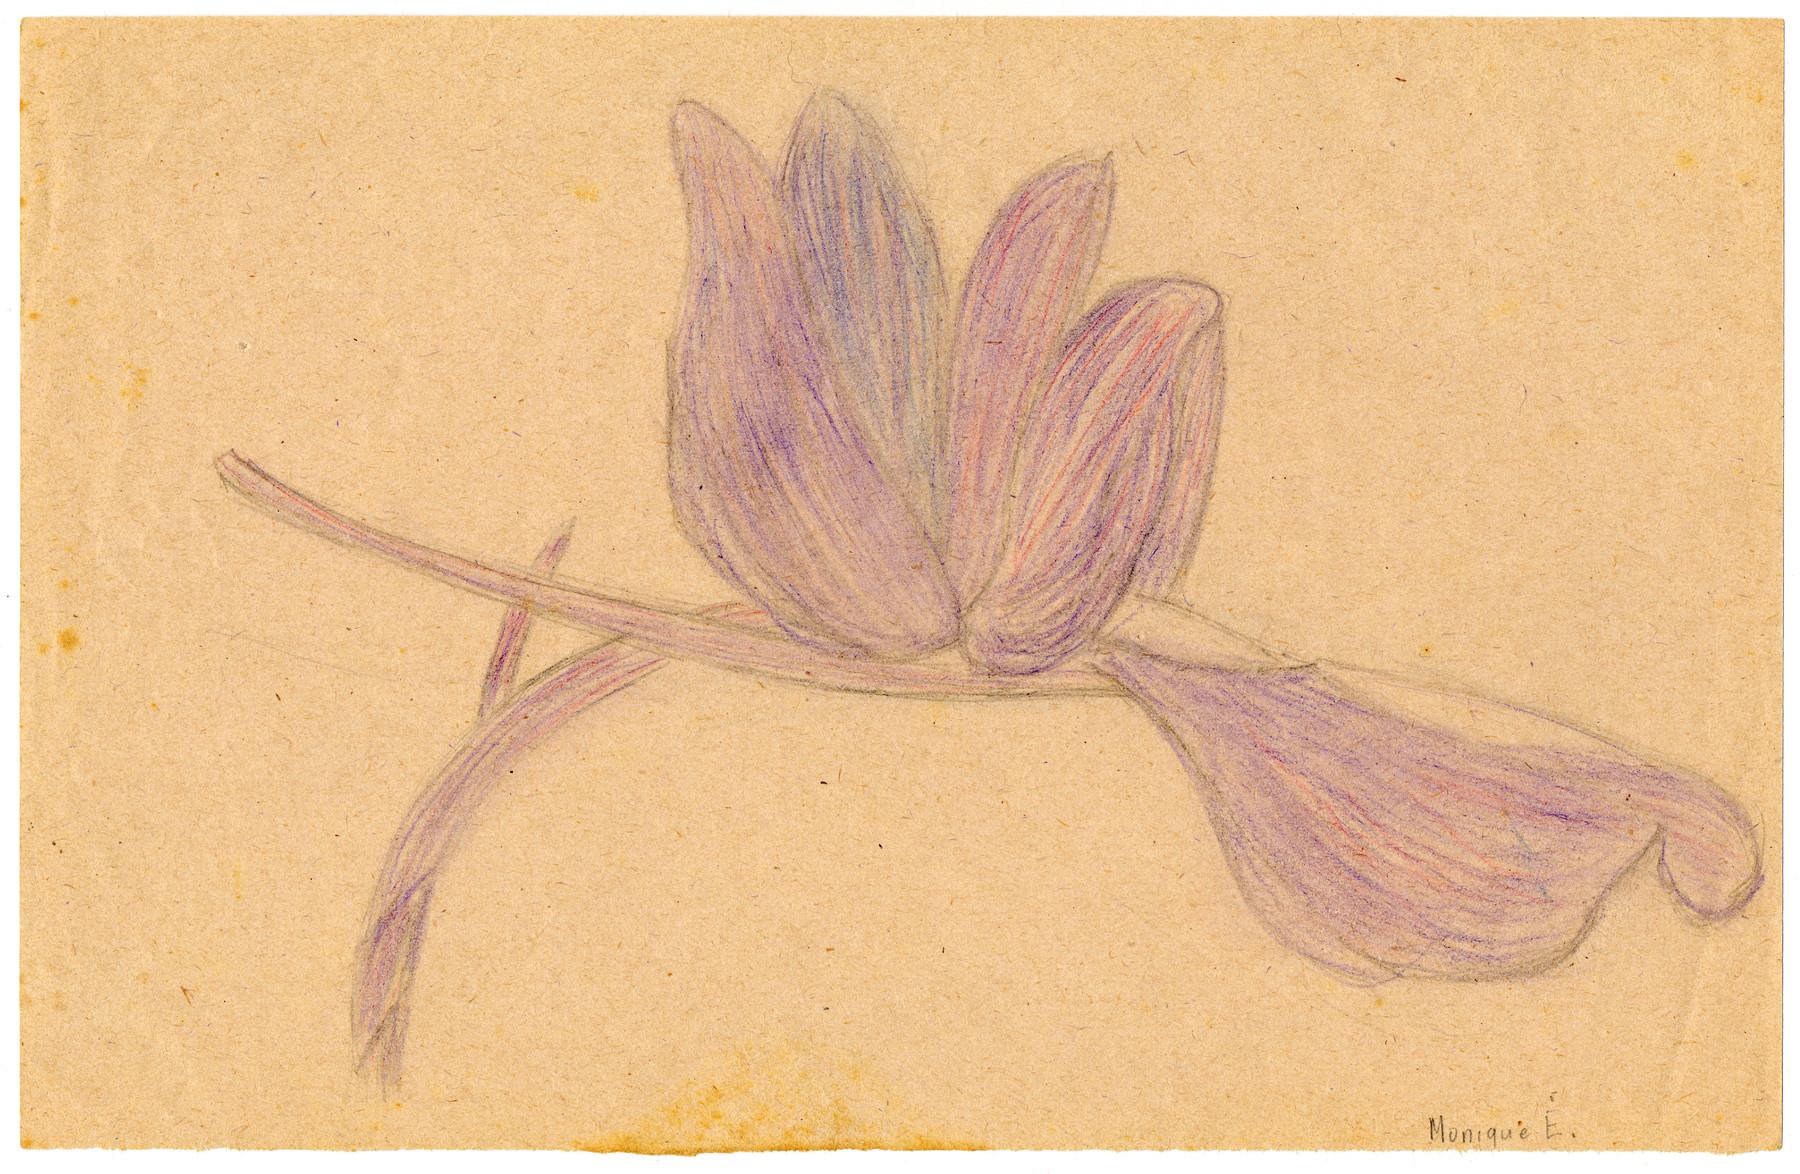 Color child's drawing of a purple flower in Chateau de la Hille.